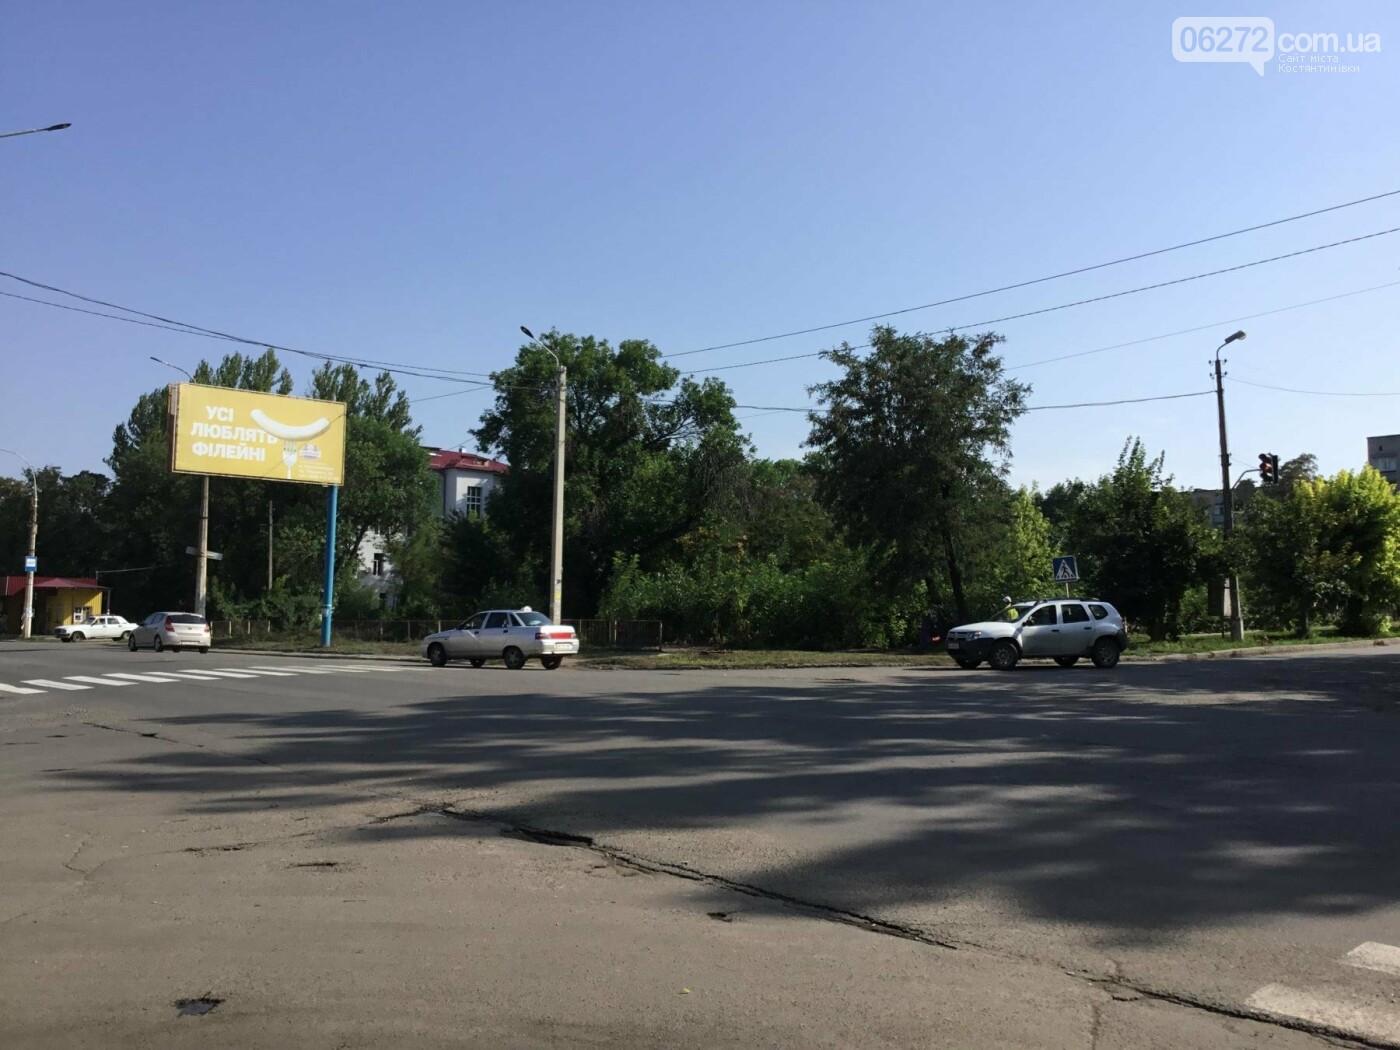 В Константиновке не работают светофоры по проспекту Ломоносова, фото-1